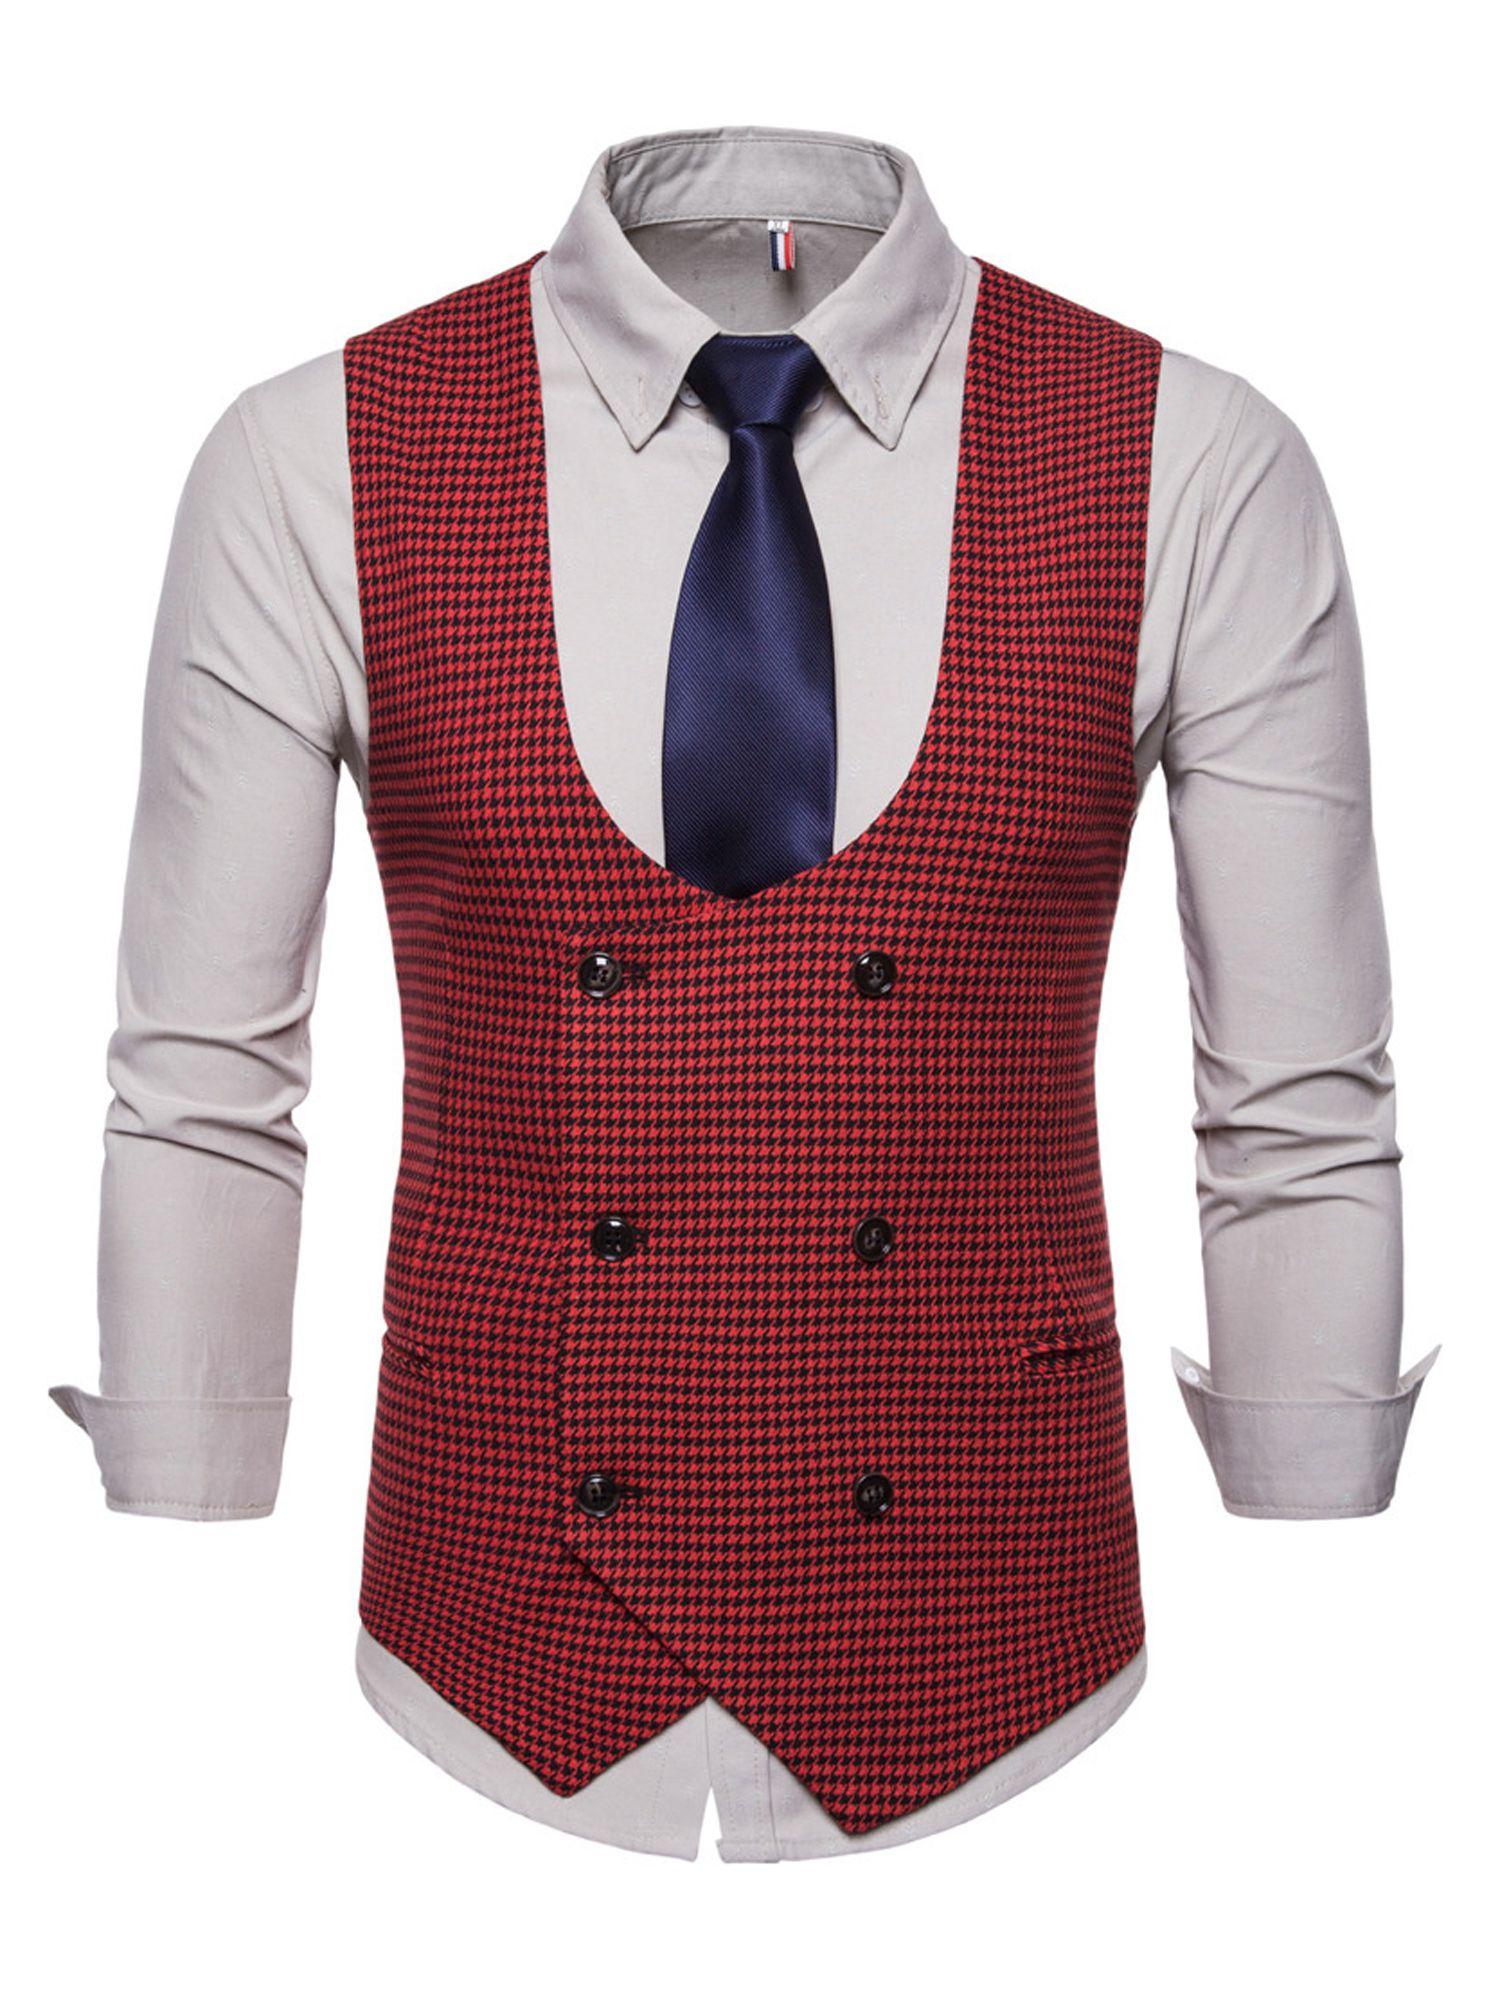 Men S Formal Business Vest Suit Slim Double Breasted Plaid Waistcoat Coat In 2021 Waistcoat Men Mens Vest Casual Mens Suit Vest [ 2000 x 1500 Pixel ]